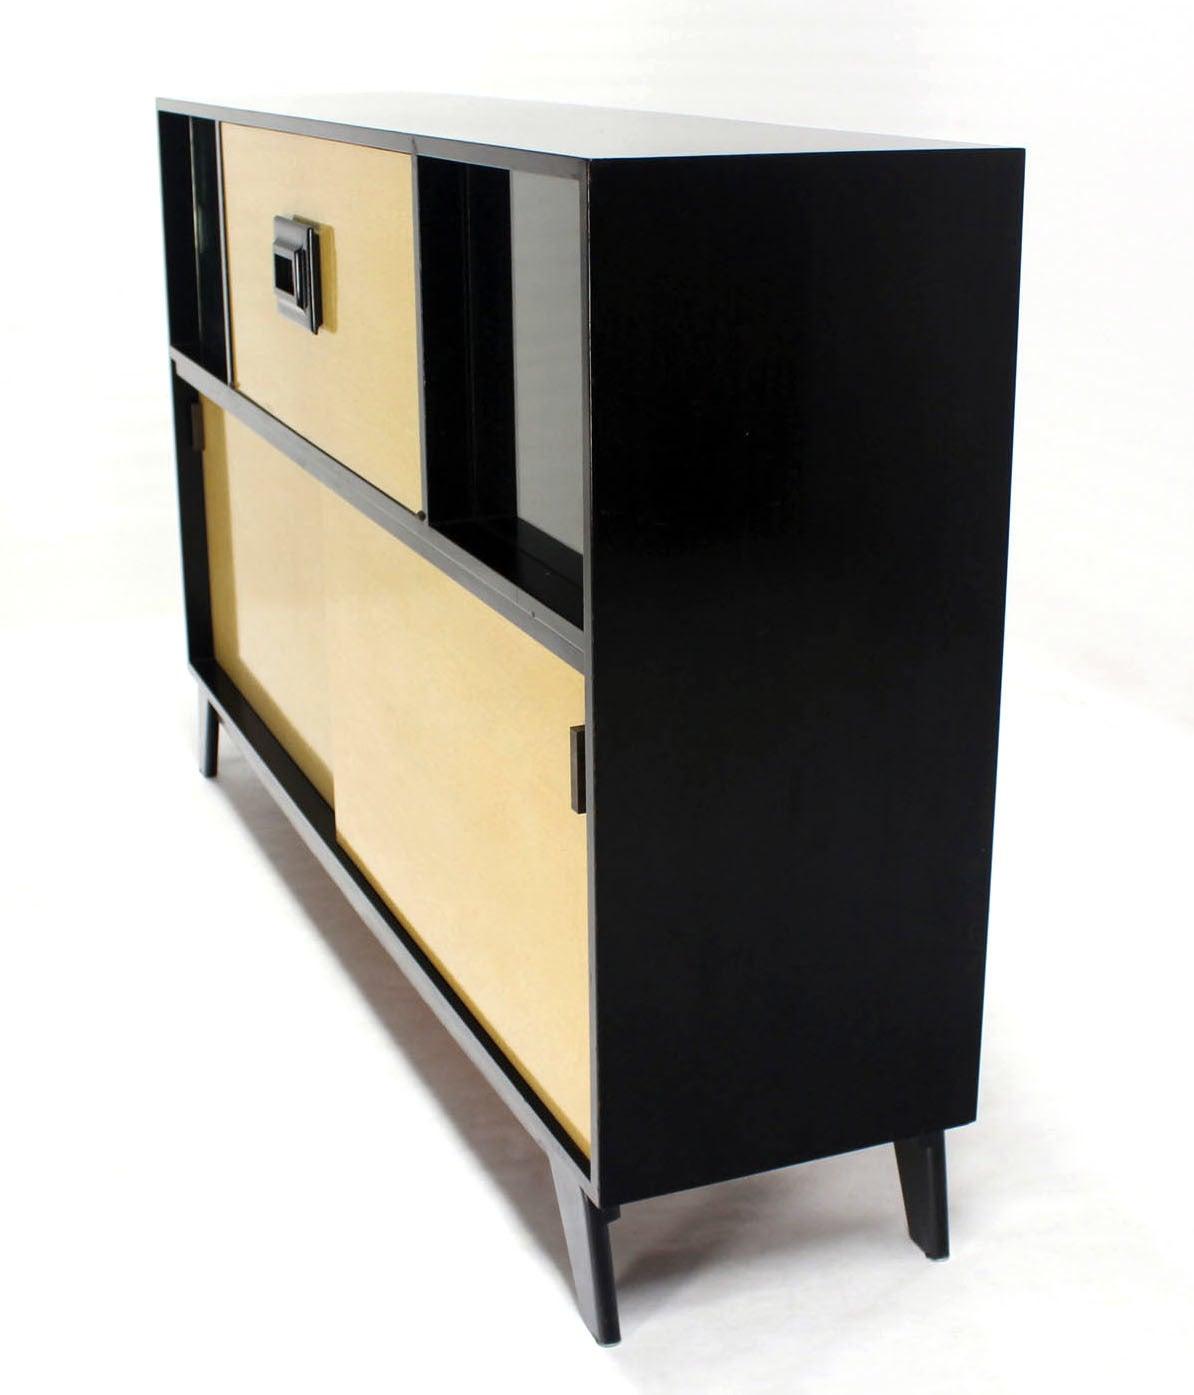 American Mid Century Modern Credenza Black Lacquer Gredenza Bar Liquor Cabinet For Sale